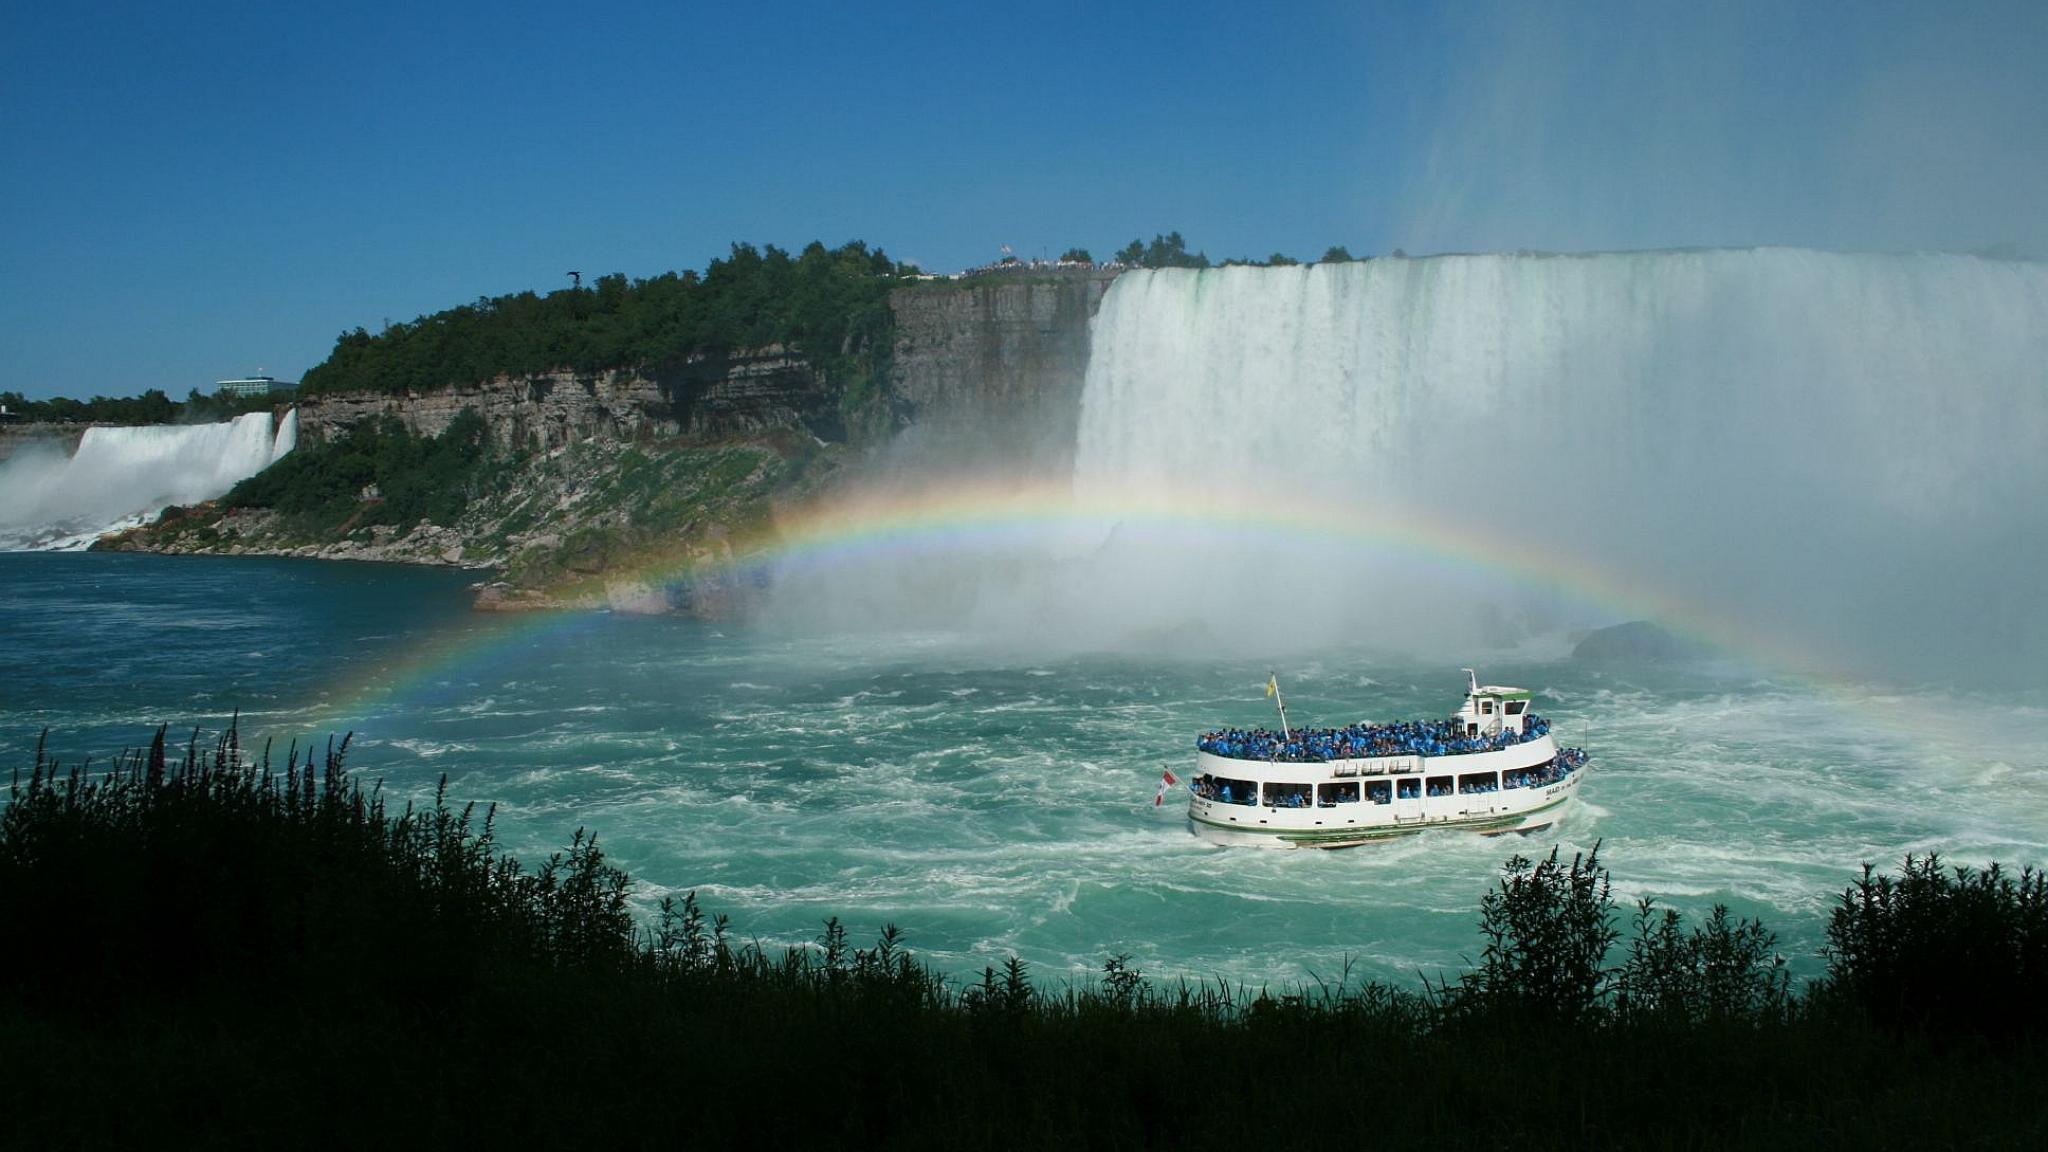 Niagara Falls HD desktop wallpaper Landscapes wallpapers 2048x1152